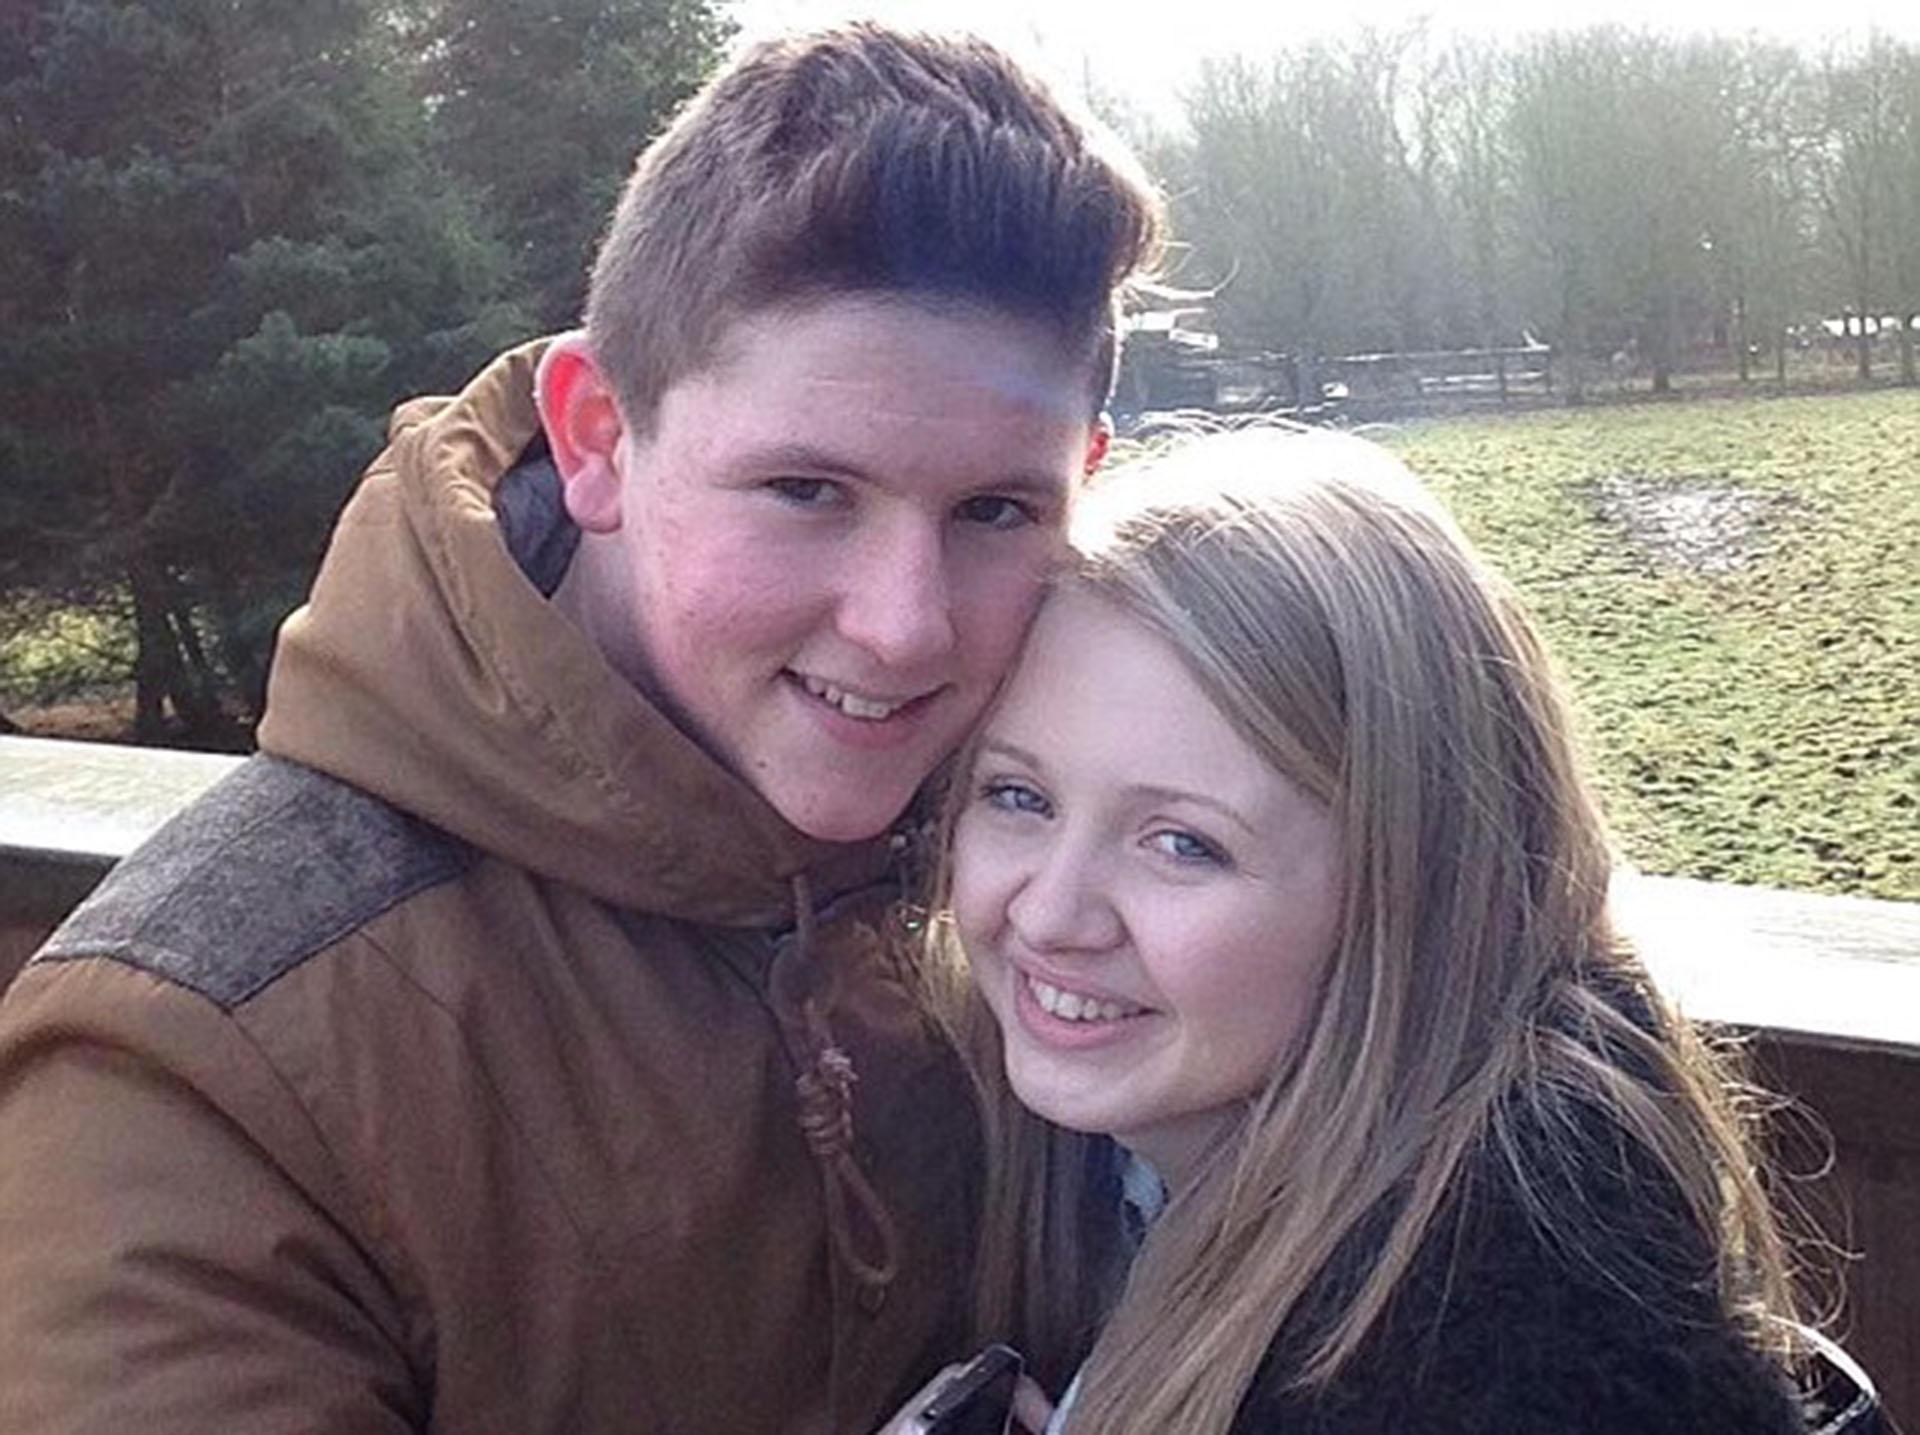 Liam Curry, de 19 años, y su novia Chloe Rutherford, de 17, desaparecidos (Facebook)